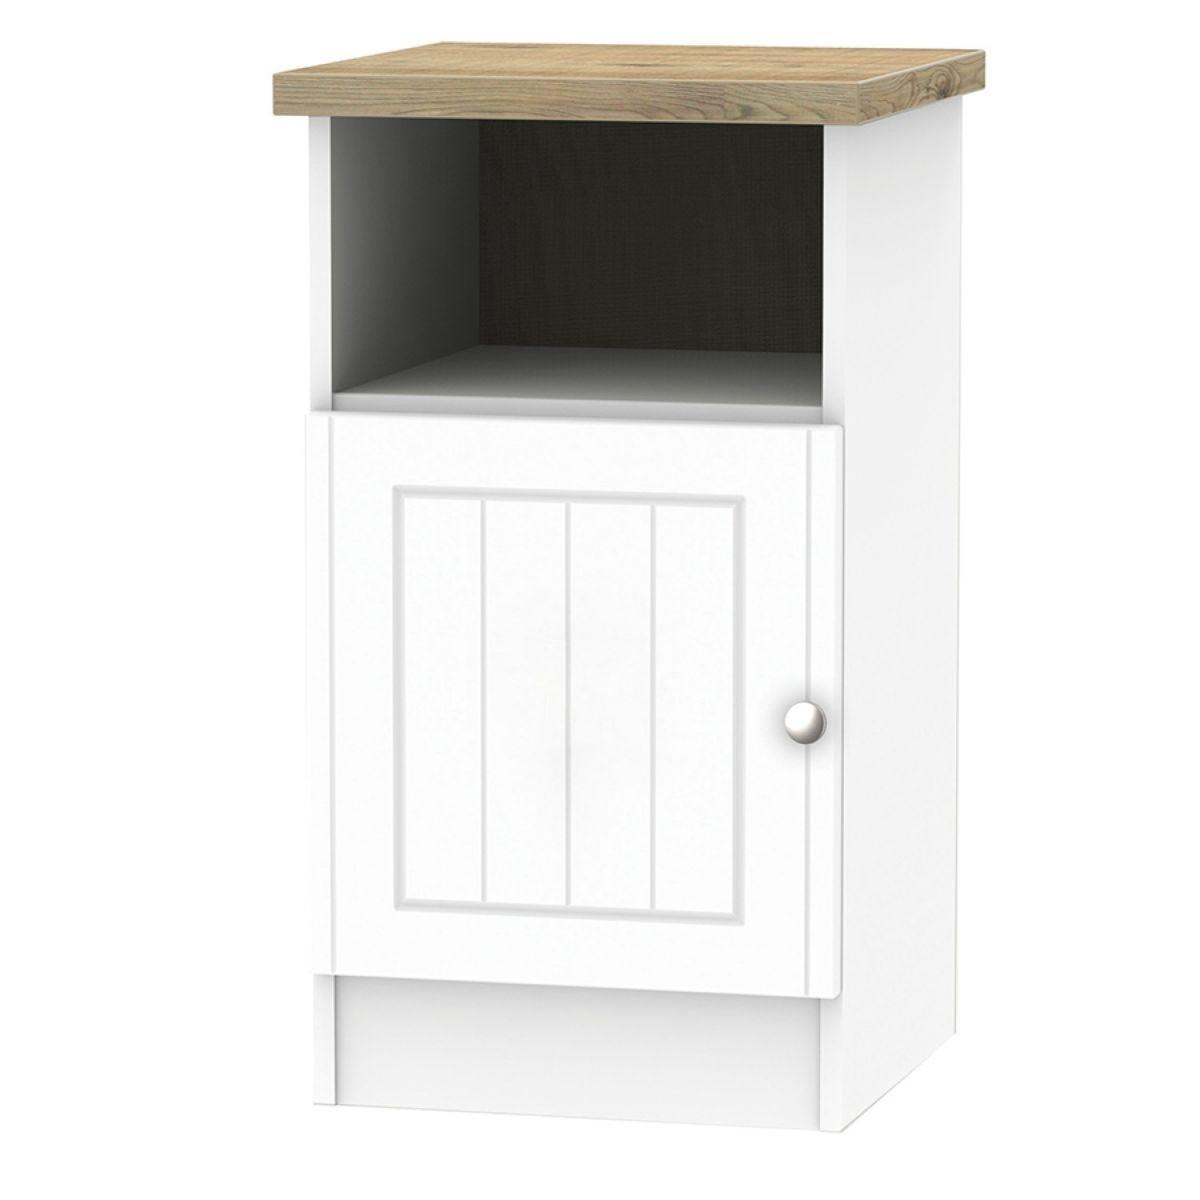 Wilcox 1-Door Bedside Table - Porcelain Ash